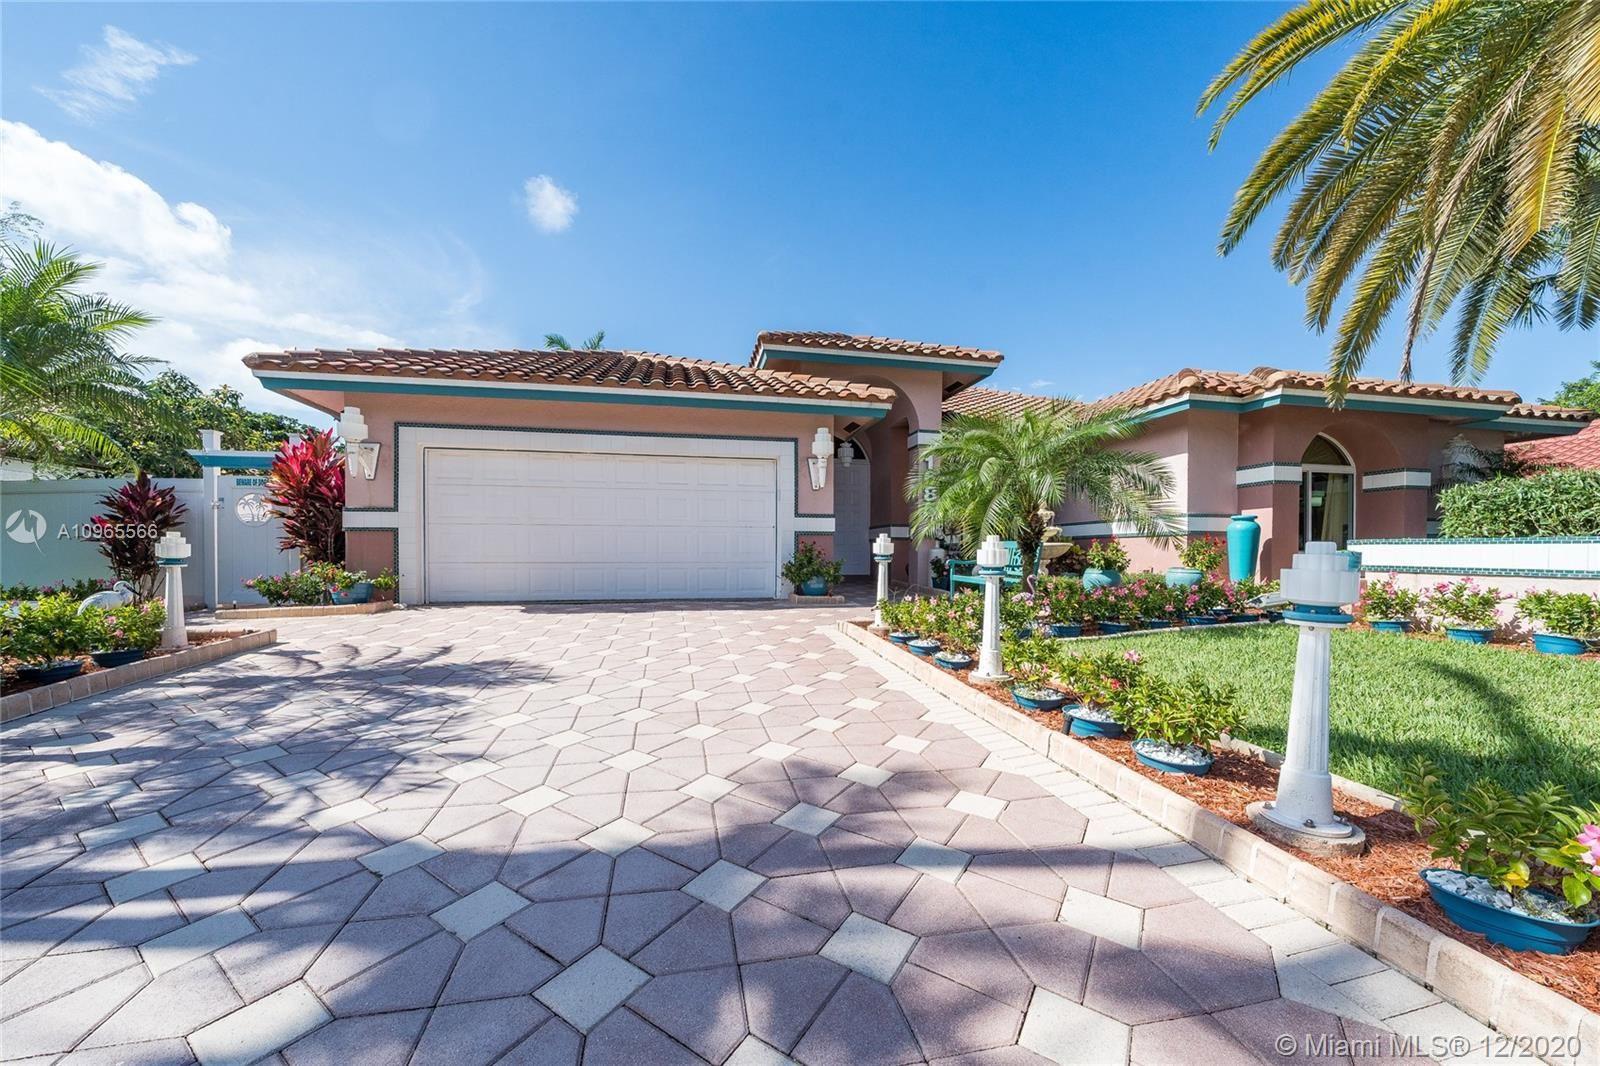 1685 SW 17th St, Boca Raton, FL 33486 - #: A10965566